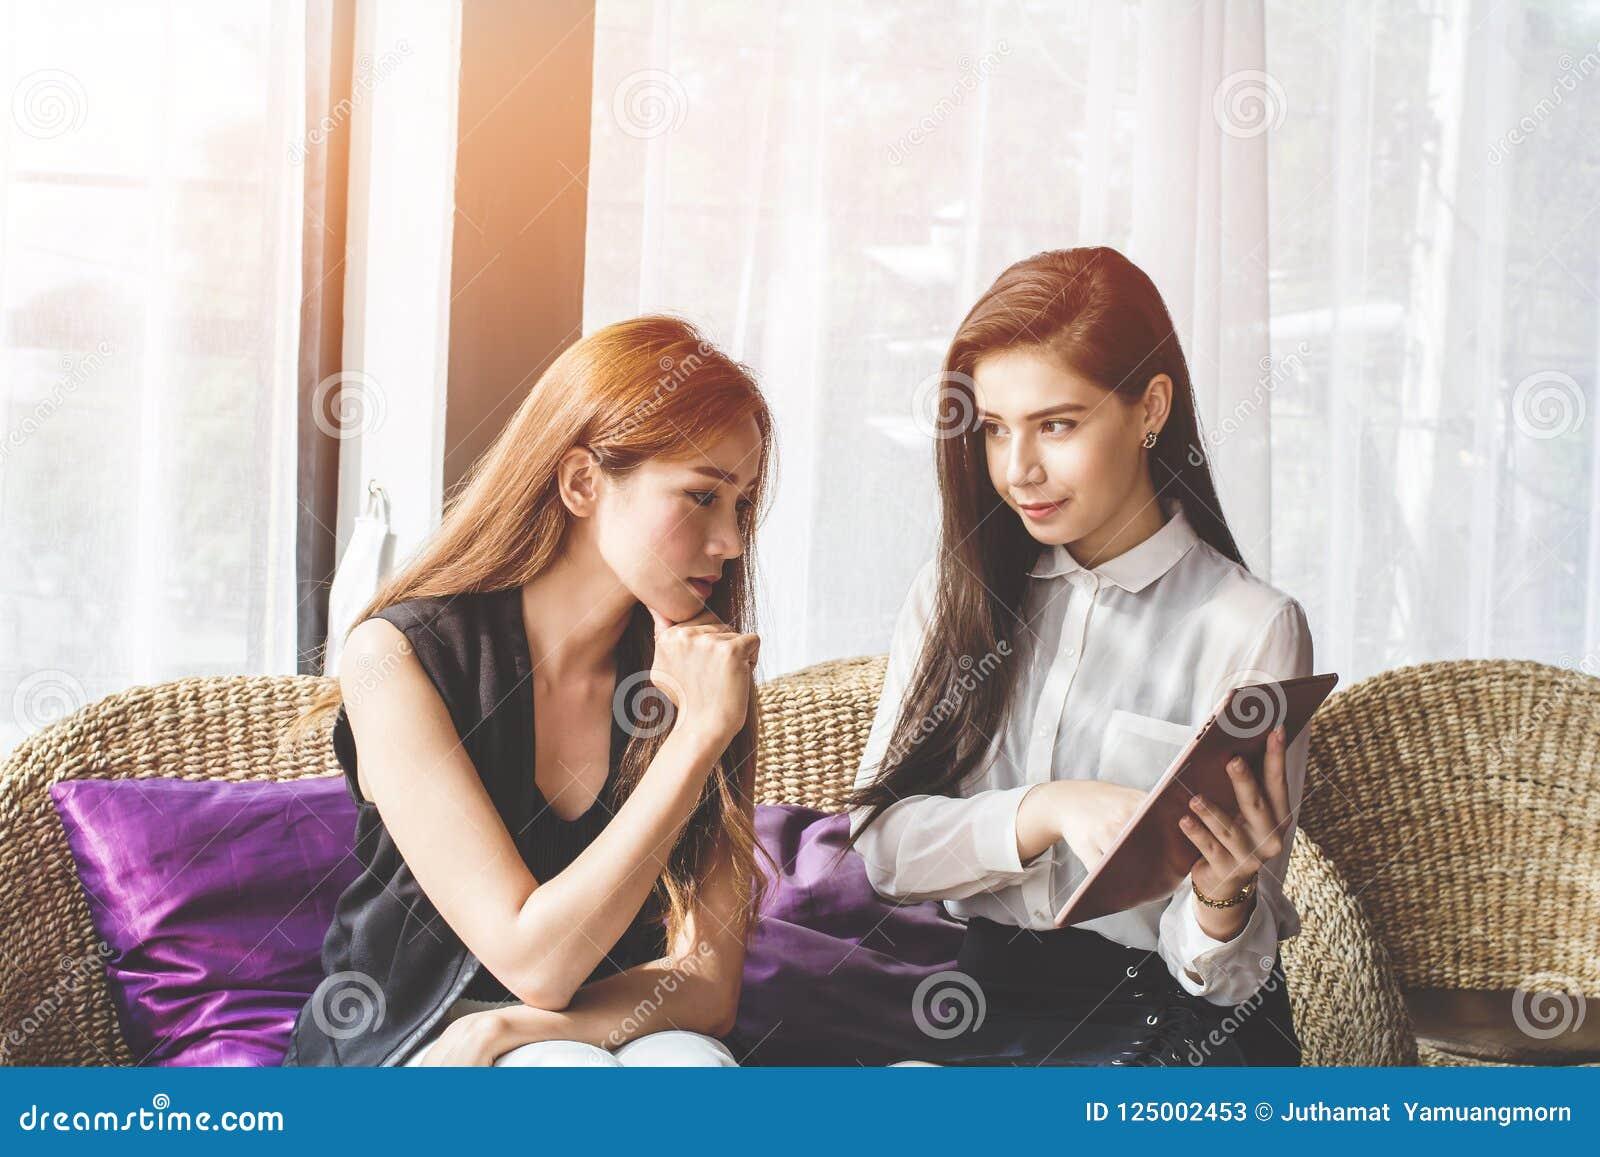 Rencontre femme asiatique, femmes célibataires